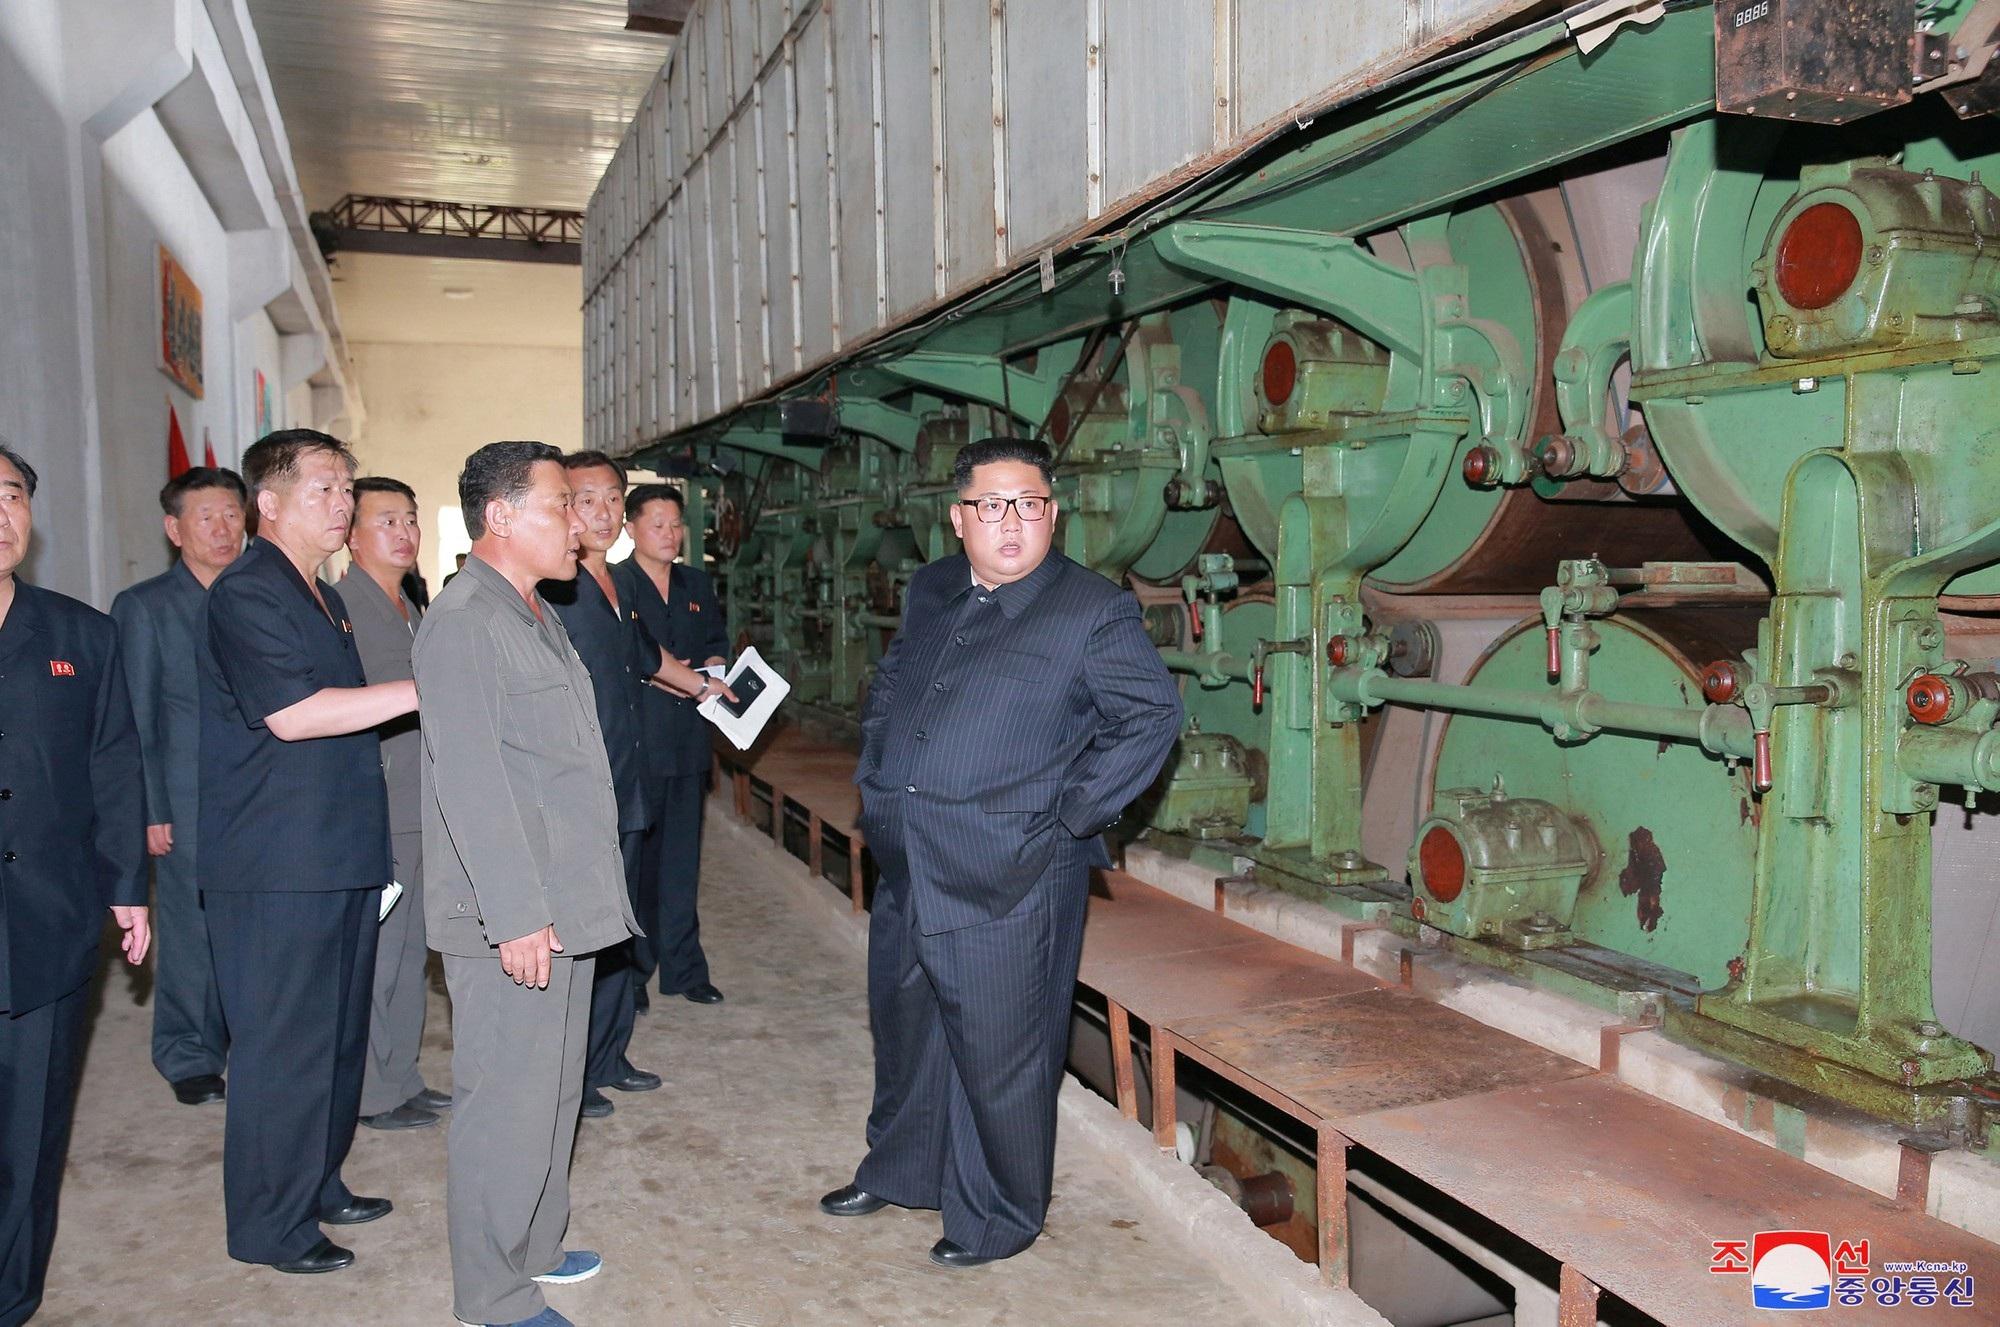 Nhà lãnh đạo Triều Tiên thị sát nhà máy ở Sinuiju hồi đầu tháng 7.